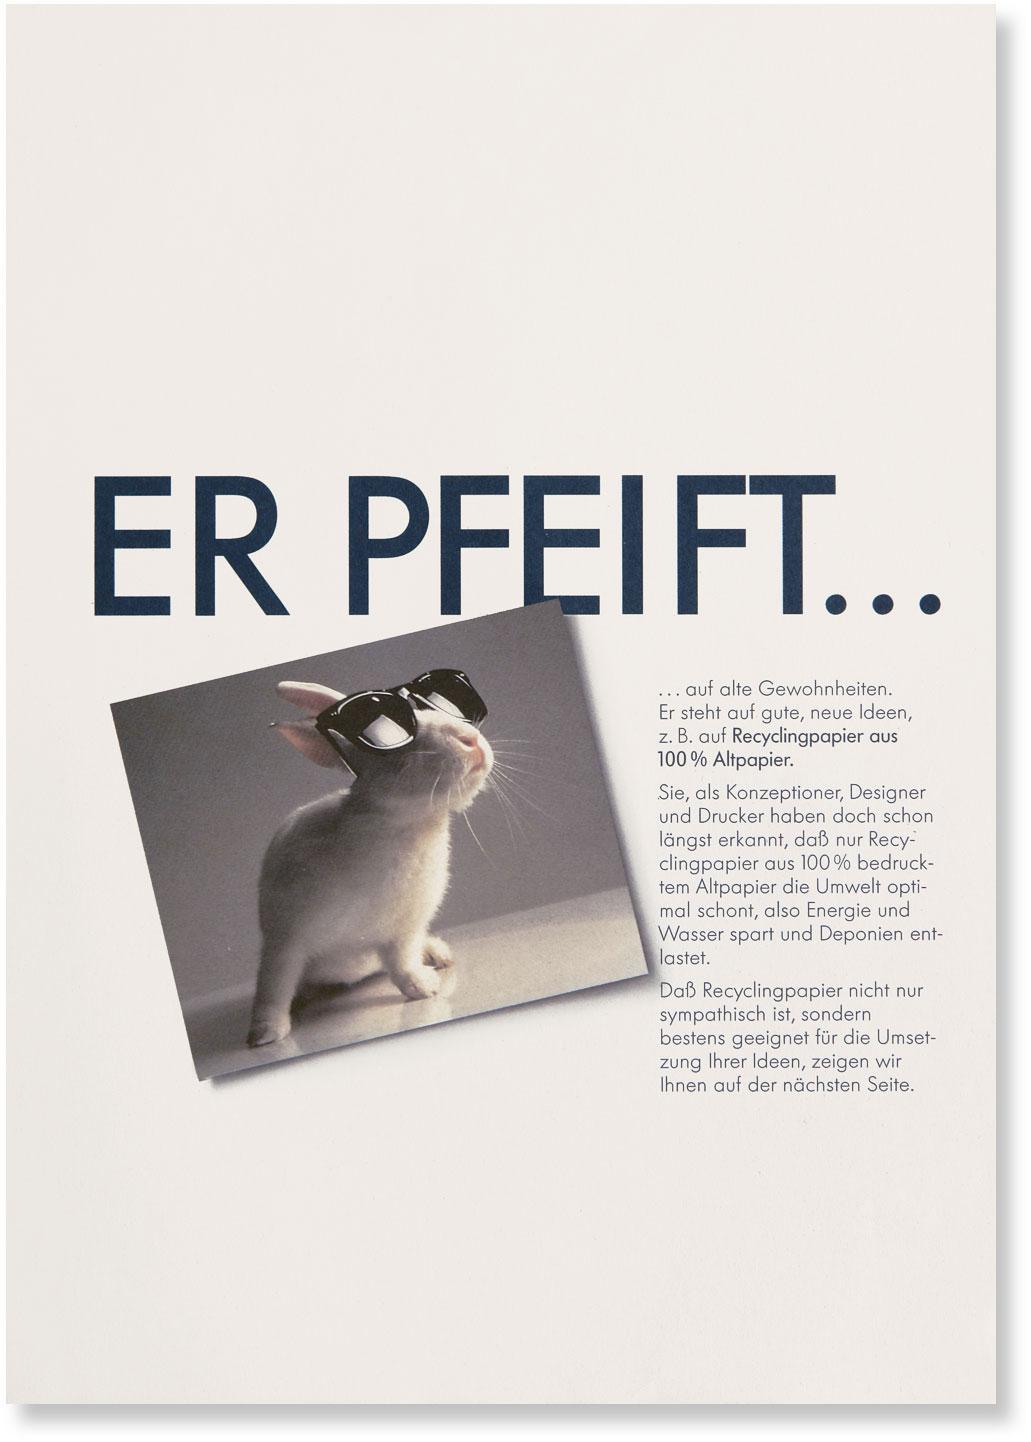 Titelseite mit Schlagwort ER PFEIFT ...